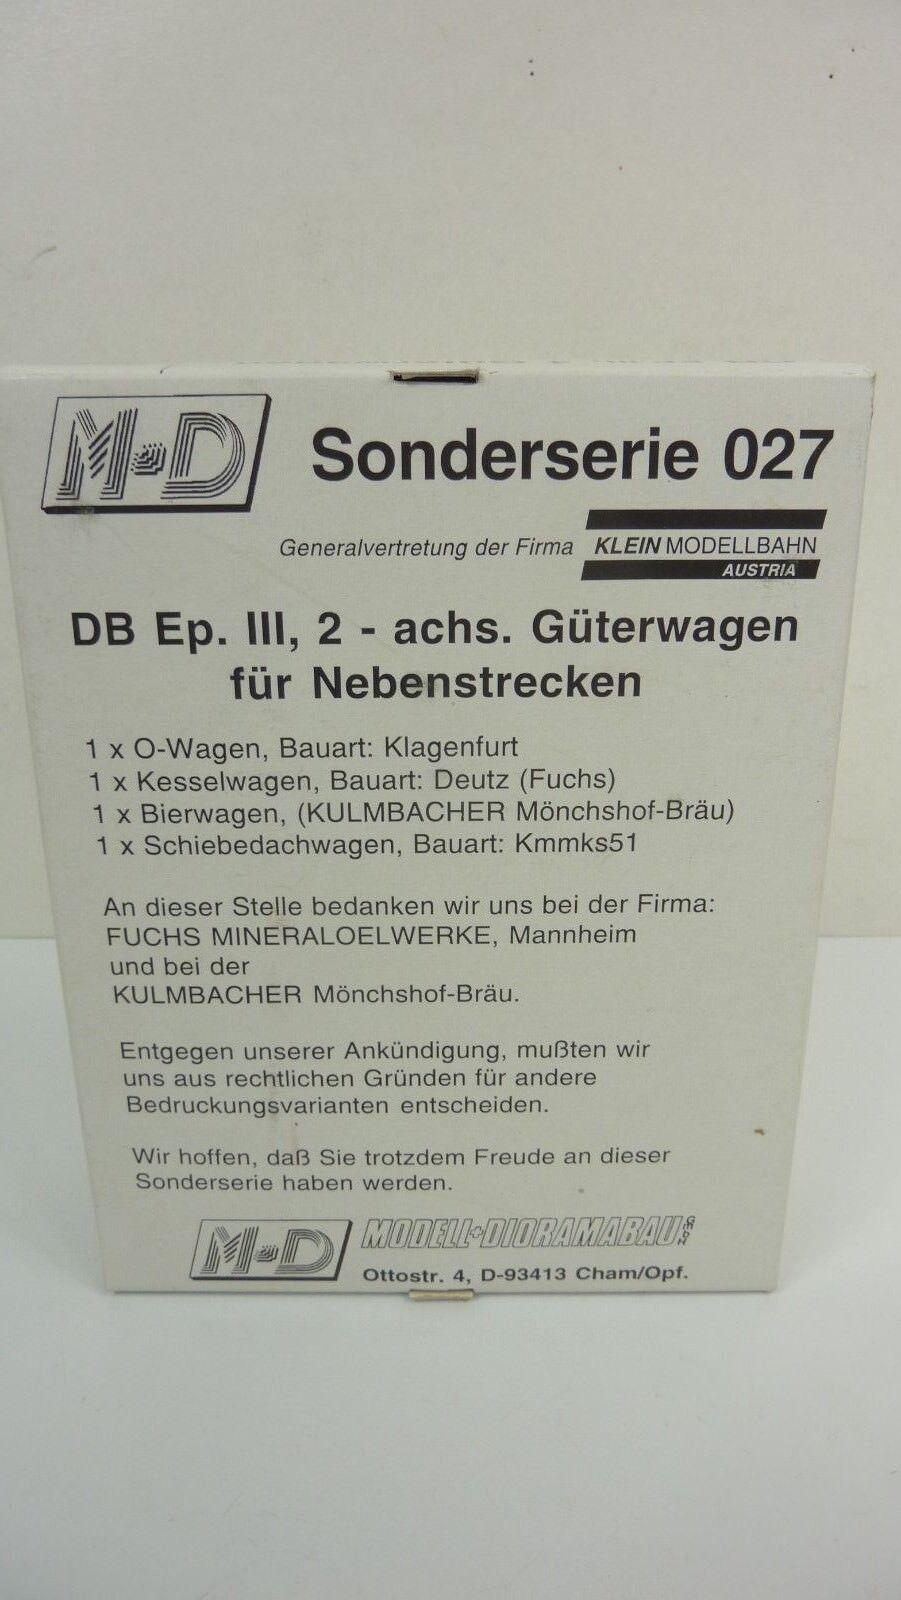 M + D h0 serie speciale 027 4 x Carro merci per linee secondarie della DB in OVP (rb2404)